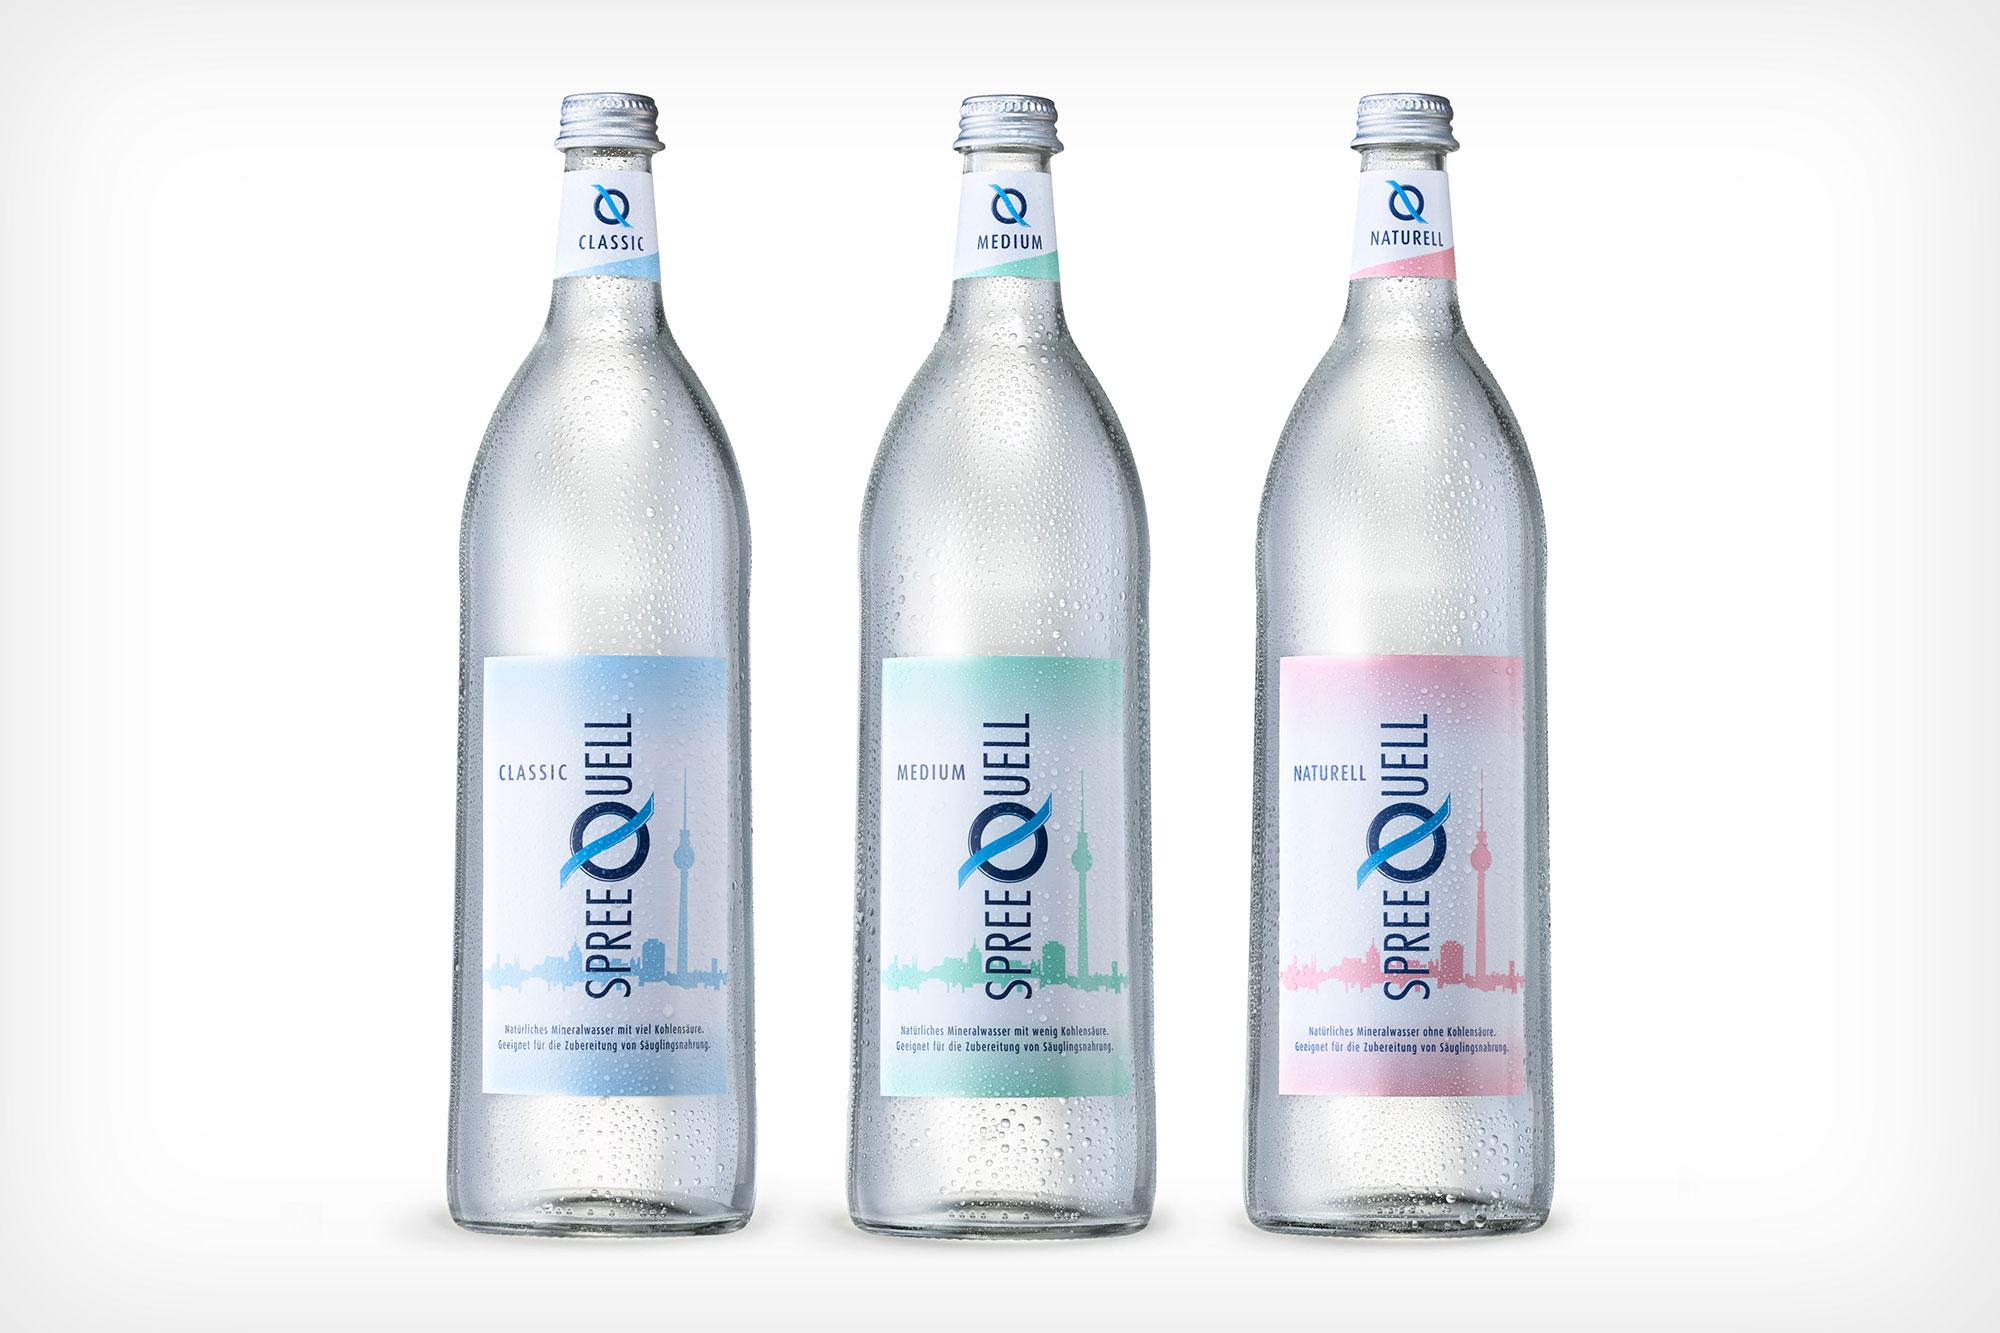 Still life Photographie Fotografie Studio Spreequell Liquids Mineralwasser Flasche Glas Betauung Idris Kolodziej